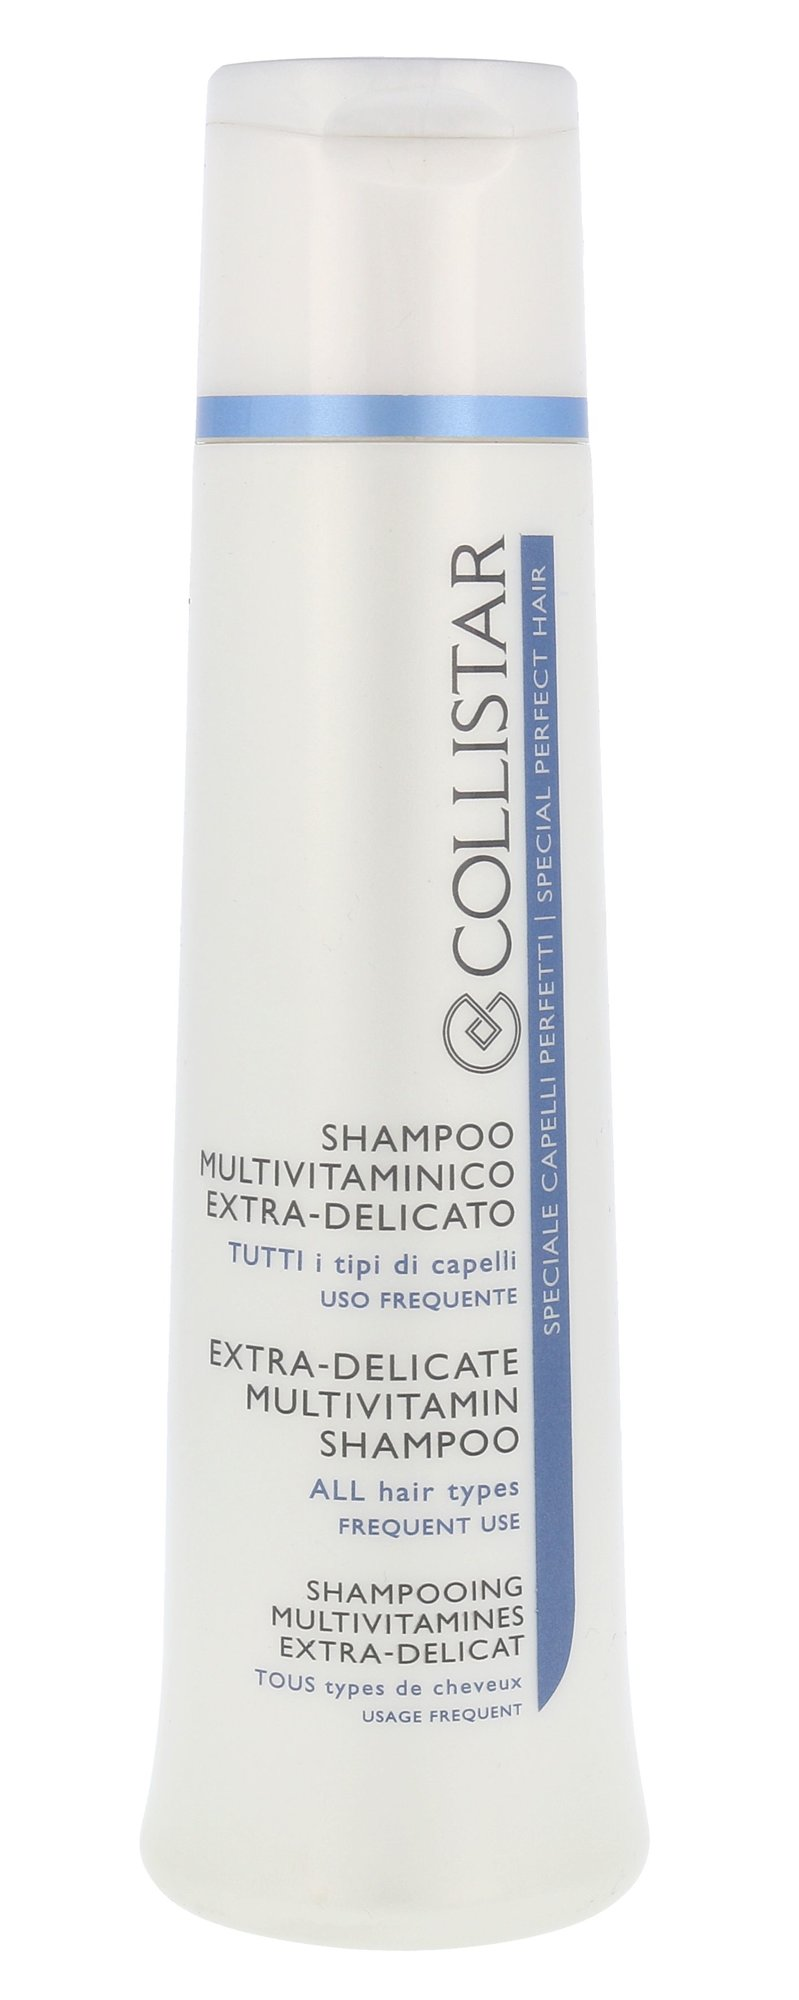 Collistar Extra-Delicate Multivitamin Cosmetic 250ml